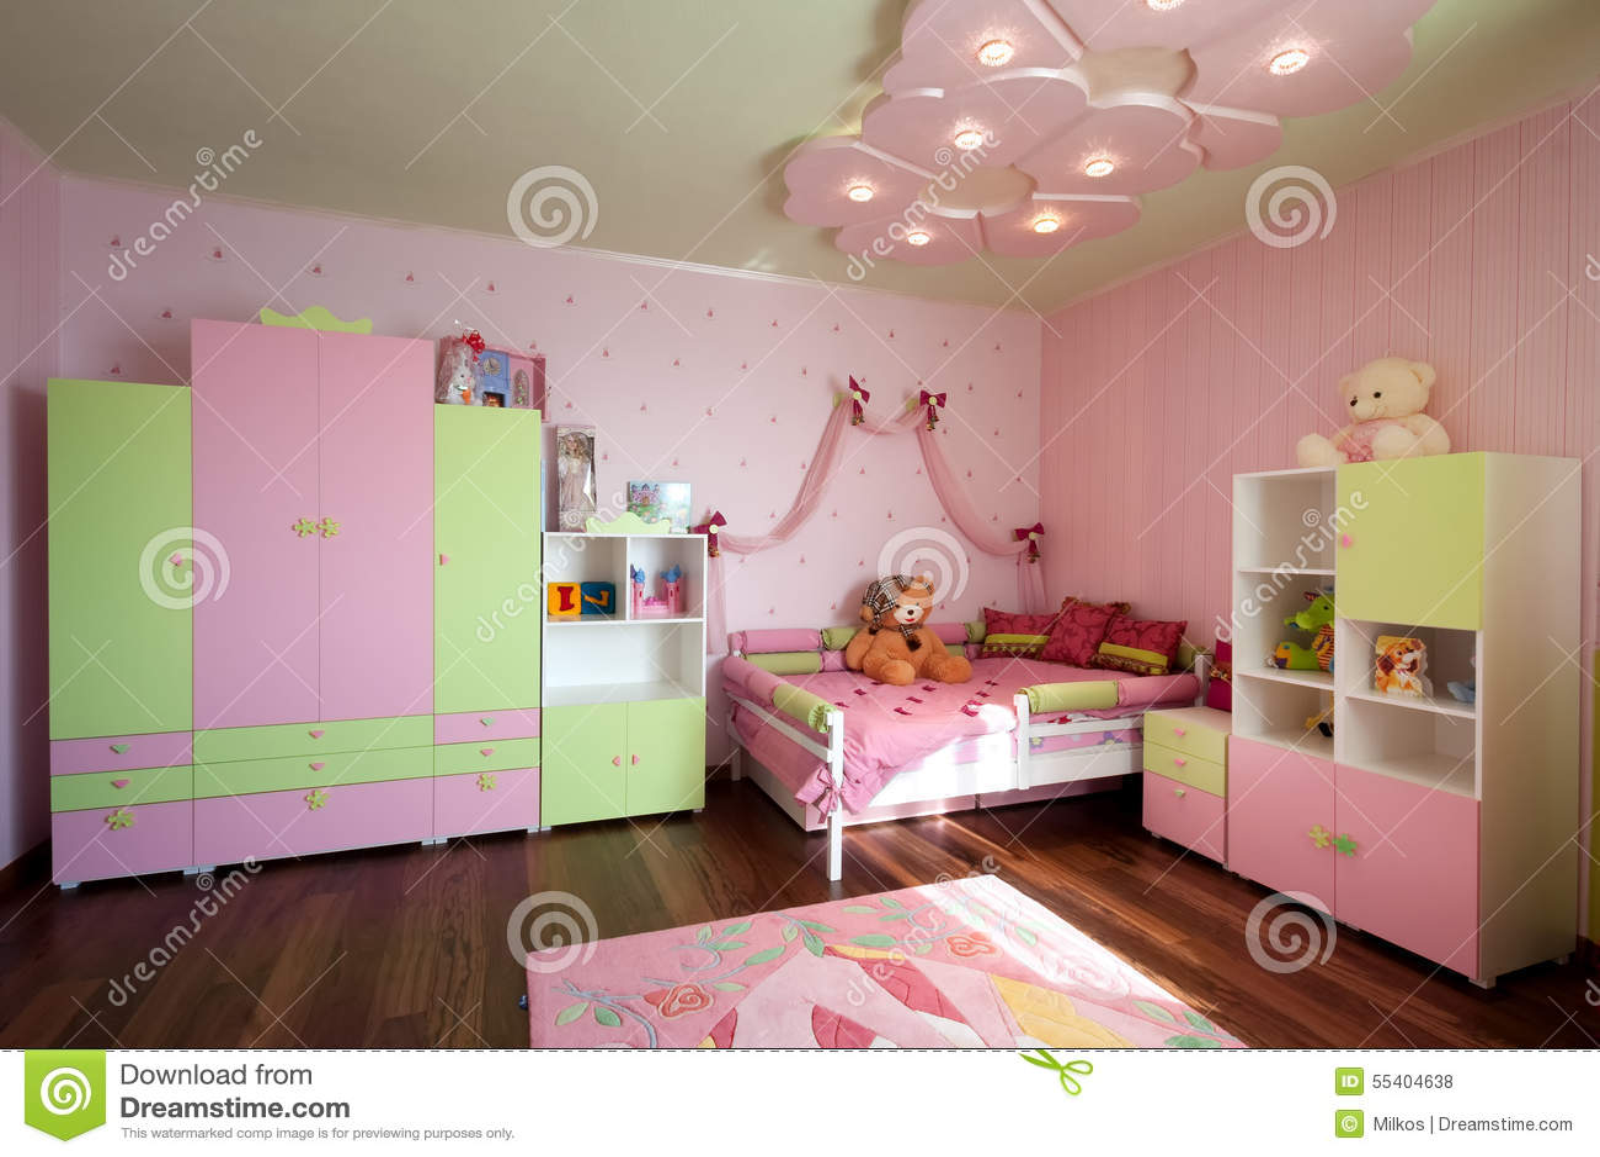 Conception moderne d 39 un int rieur de chambre d 39 enfant dans for Conception chambre